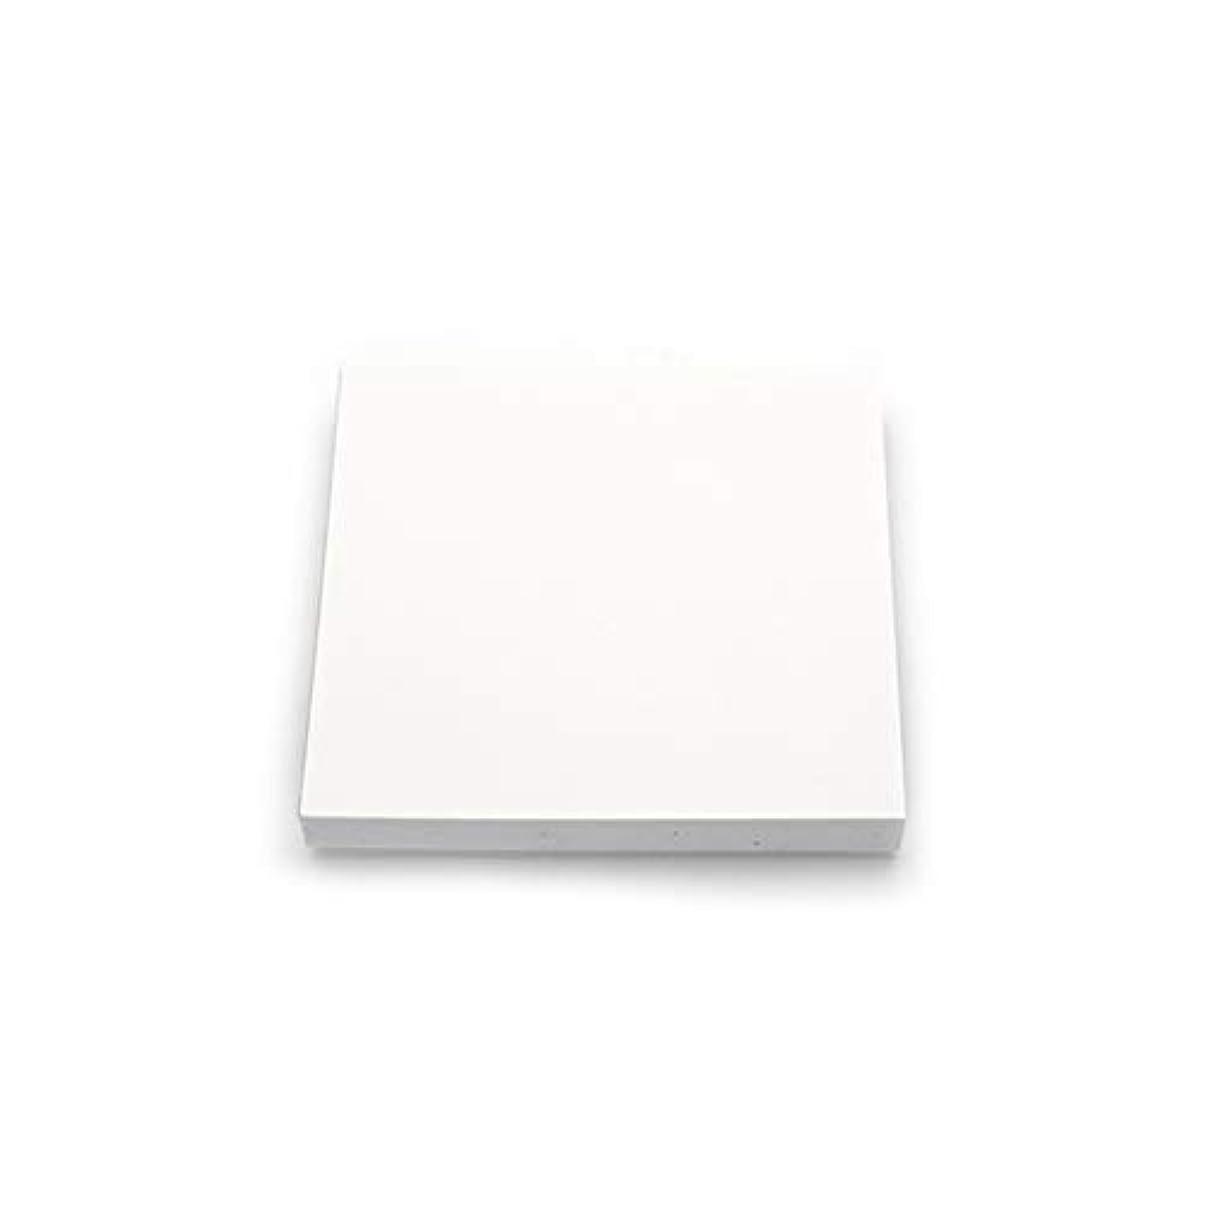 創造科学者コーンウォールネイルツール ペーパーパレット 約7.5cm 50枚入りジェルネイル ハンドメイド アクリル絵の具 パレット カラー調合 ネイルアート